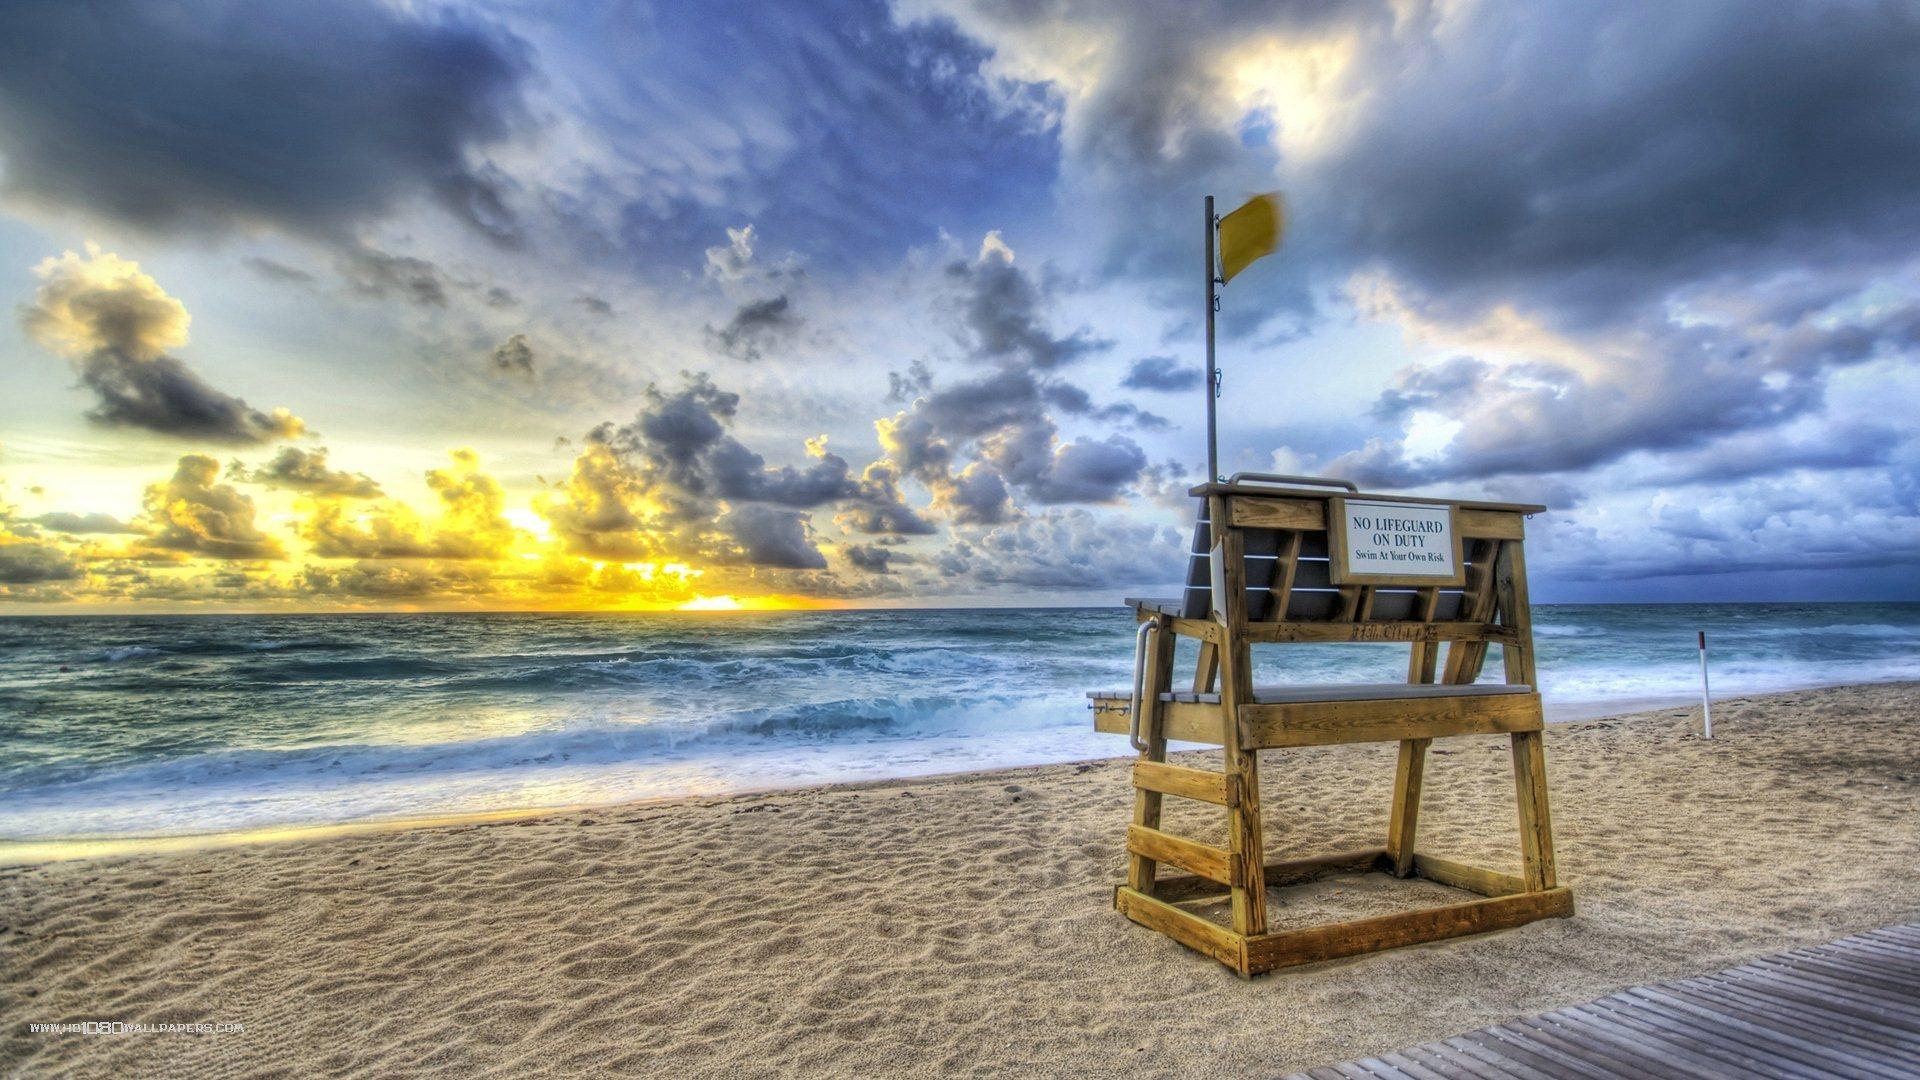 14771 скачать обои Пейзаж, Небо, Море, Облака, Пляж - заставки и картинки бесплатно